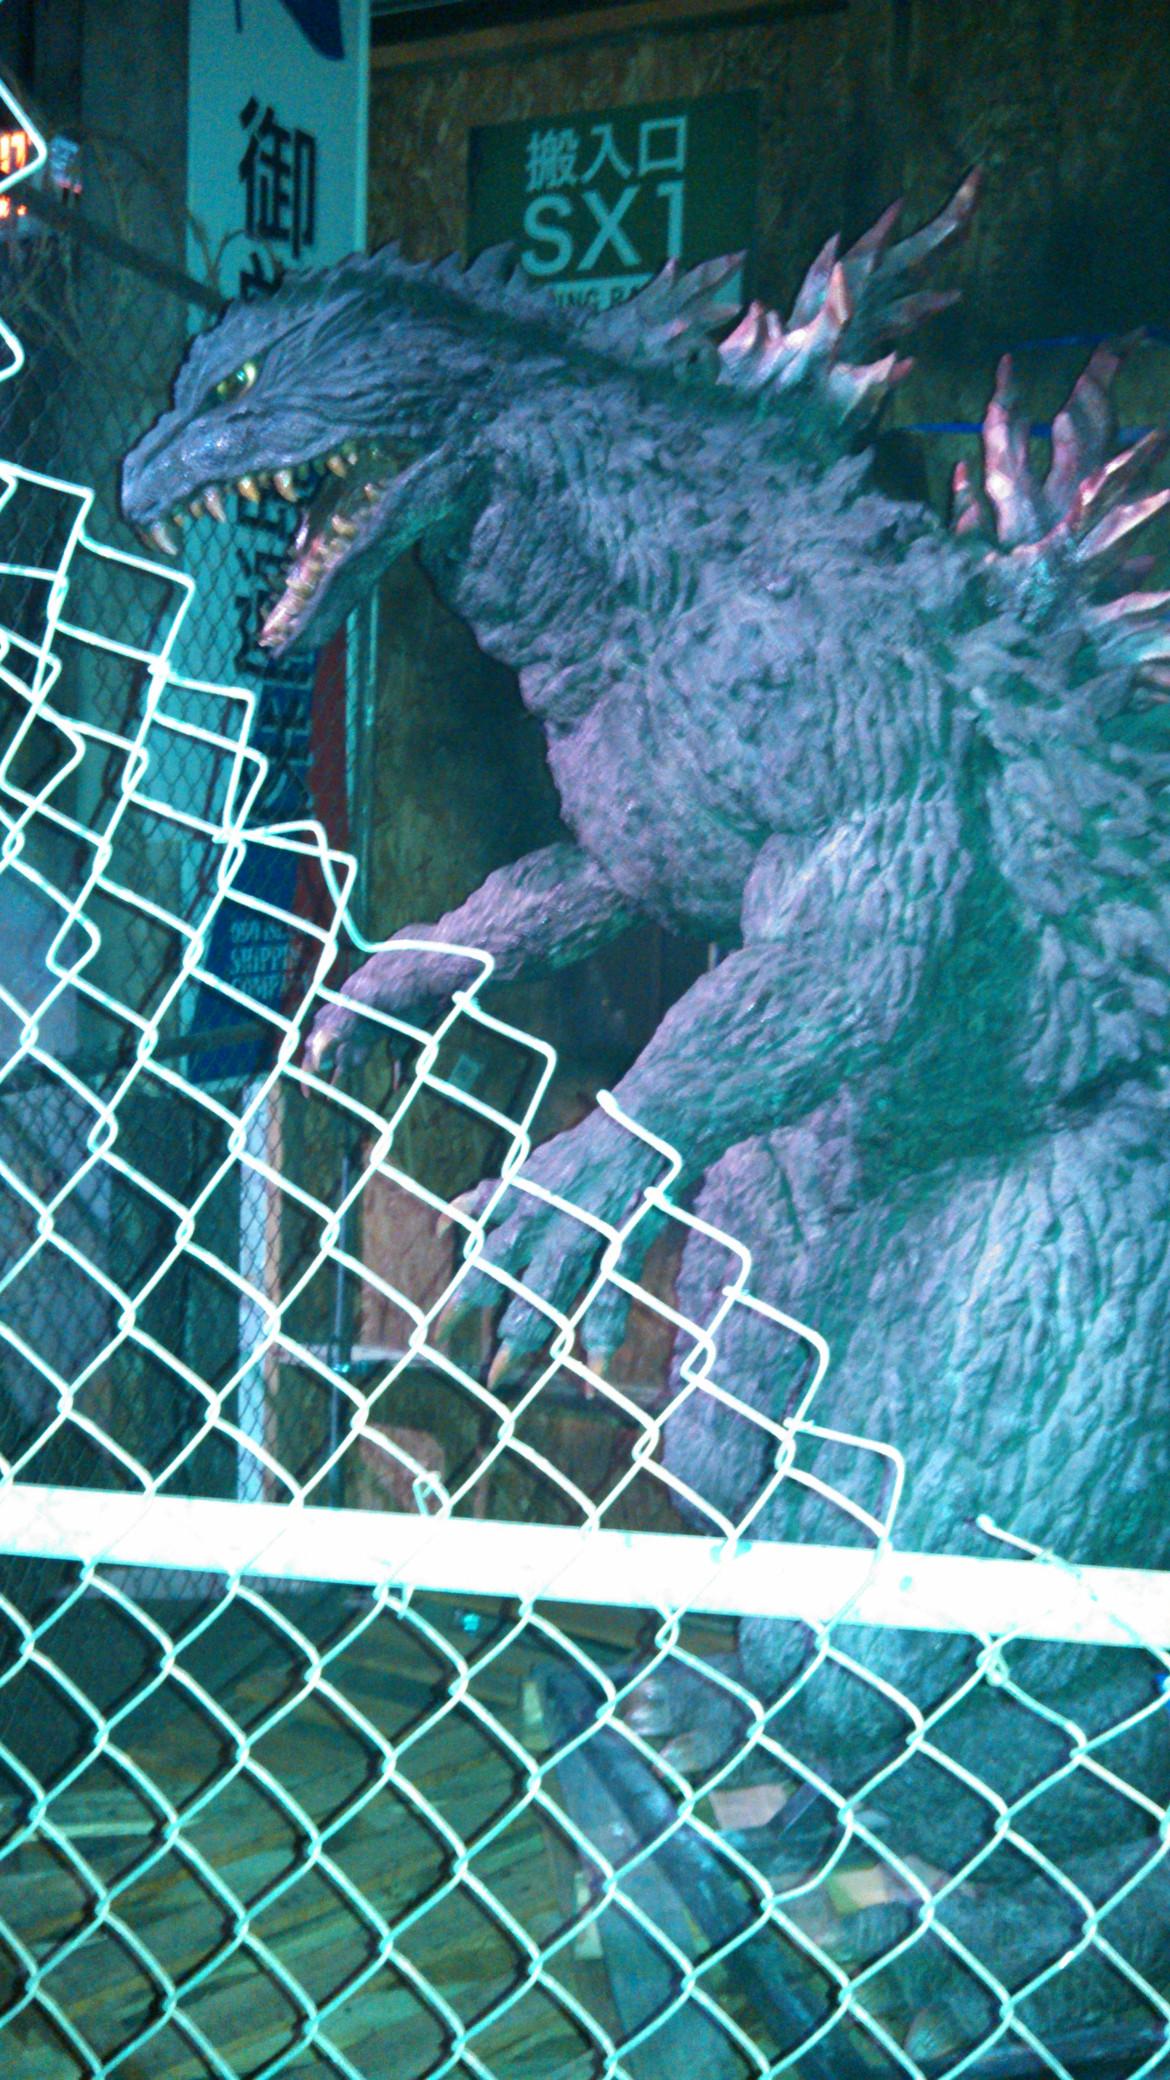 GodzillaSDCC1.jpg